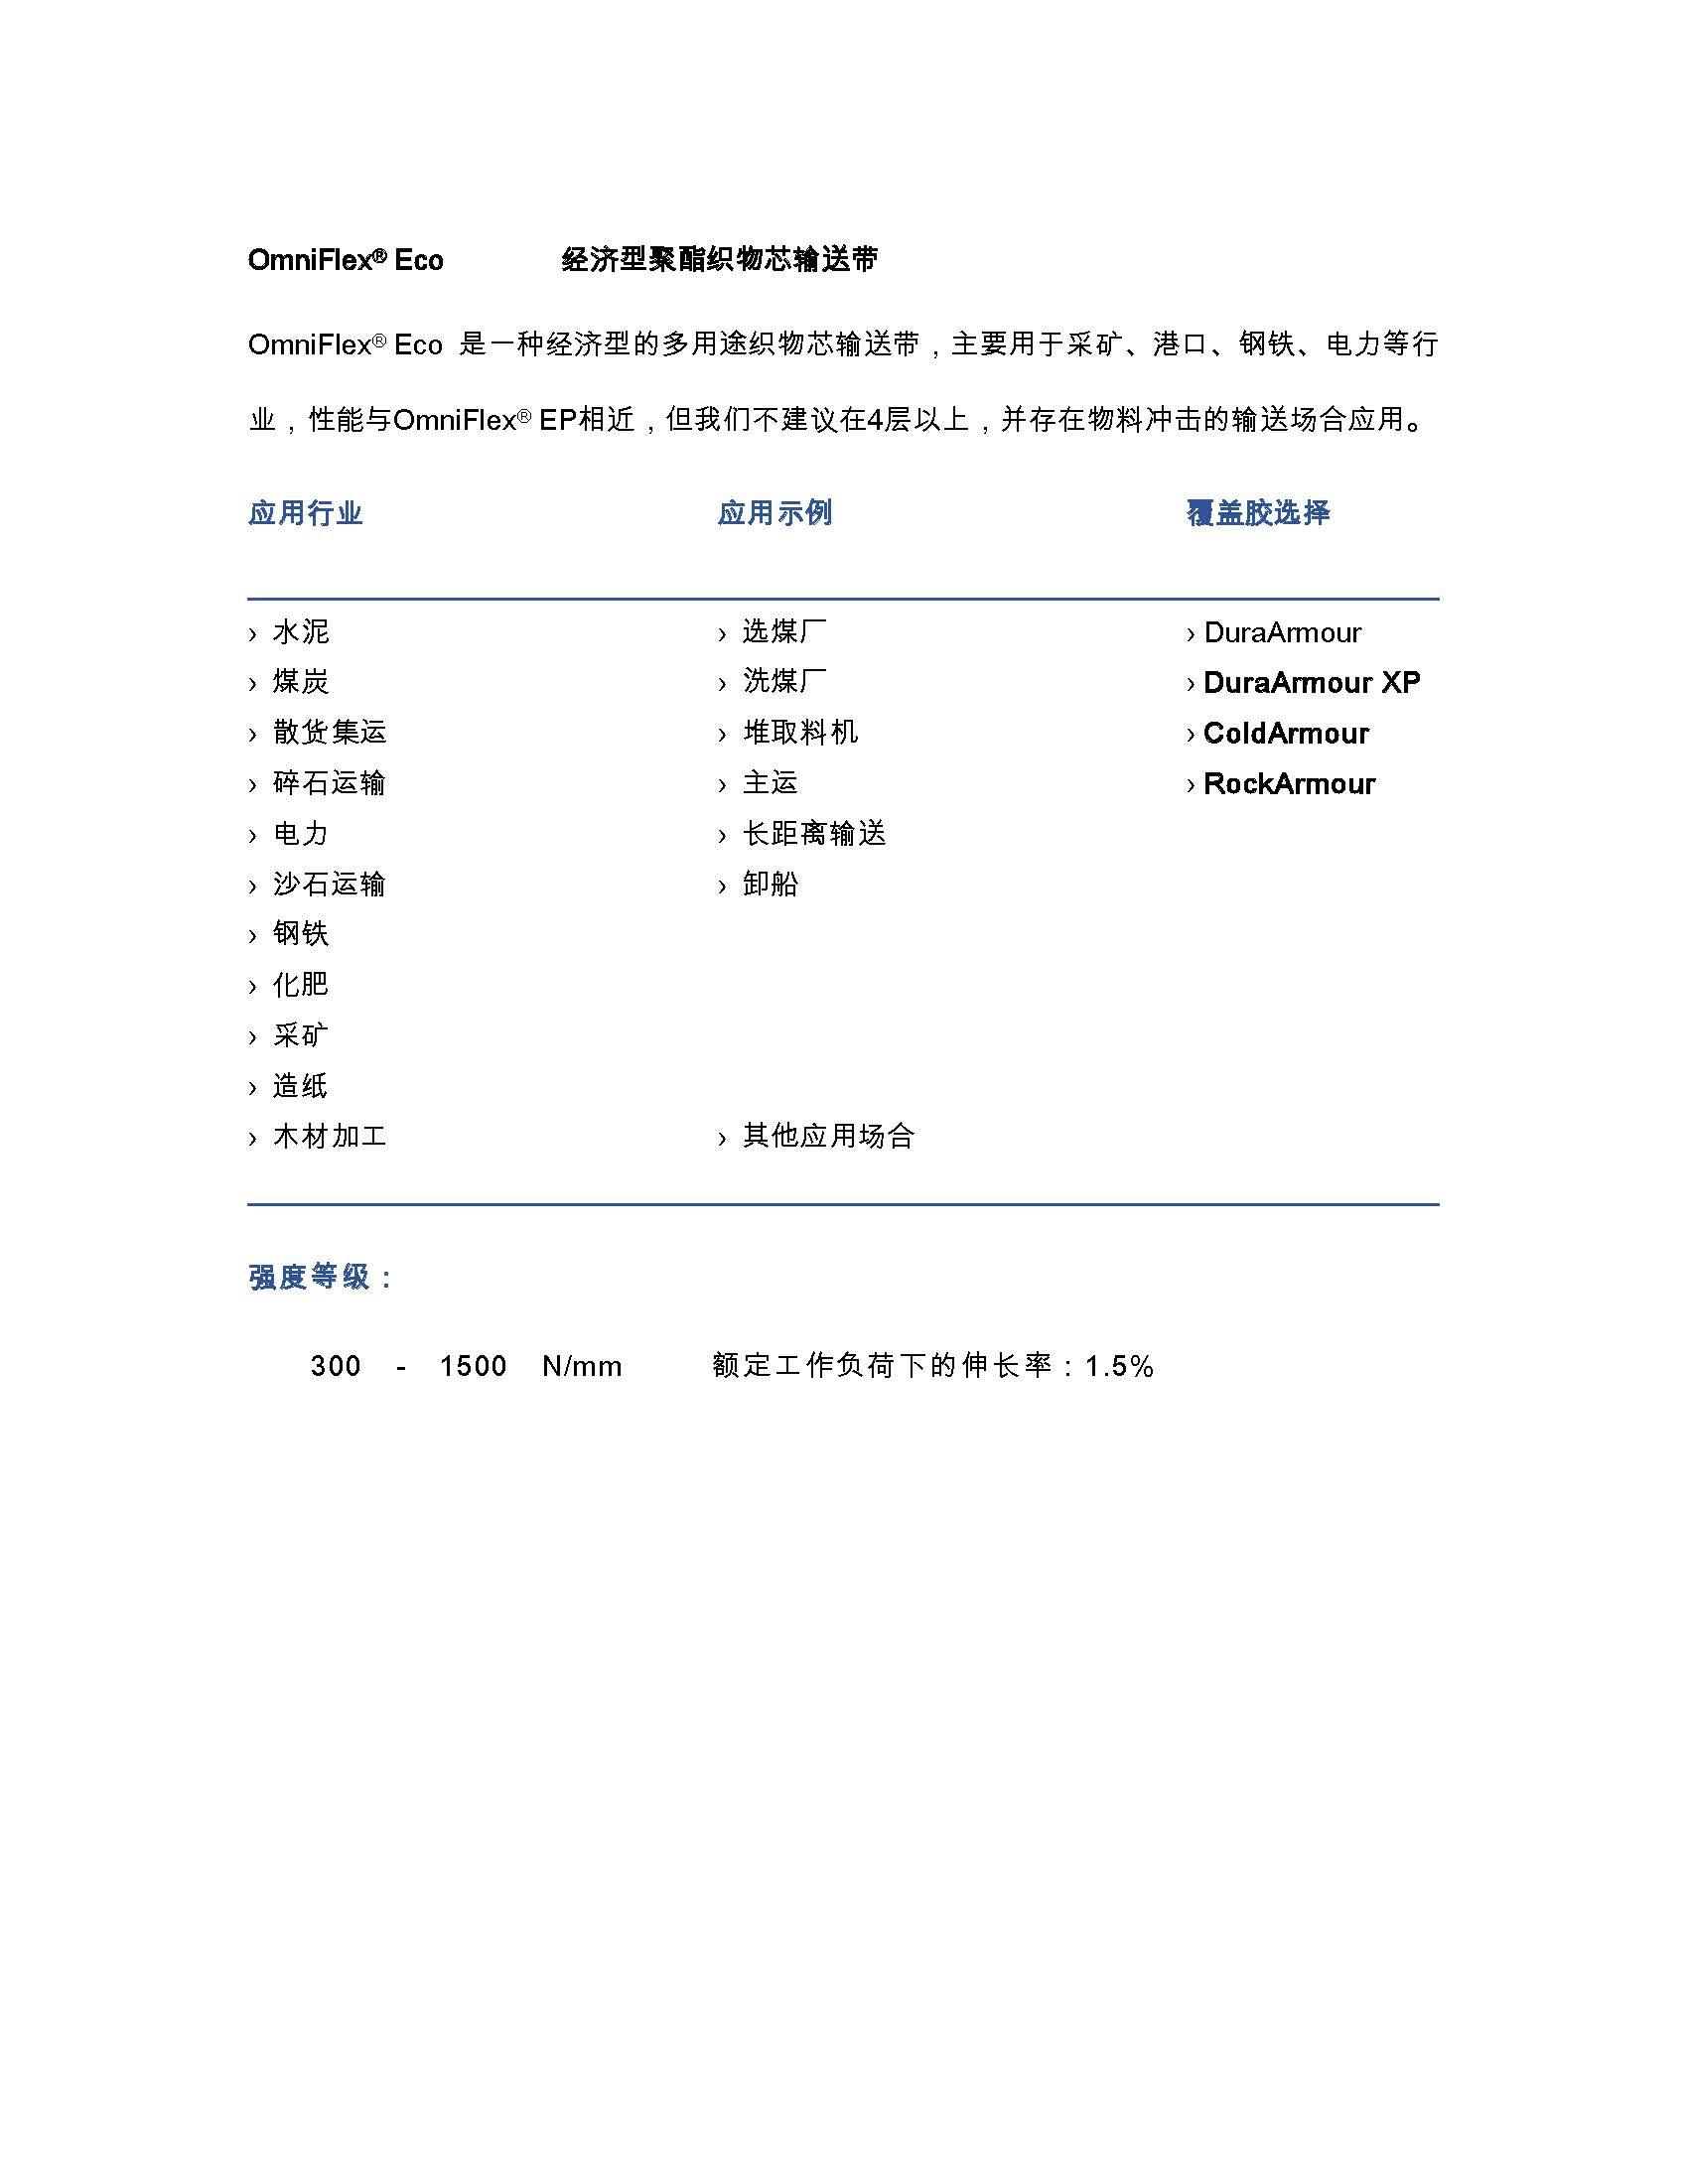 OmniFlexEco-中文20181227